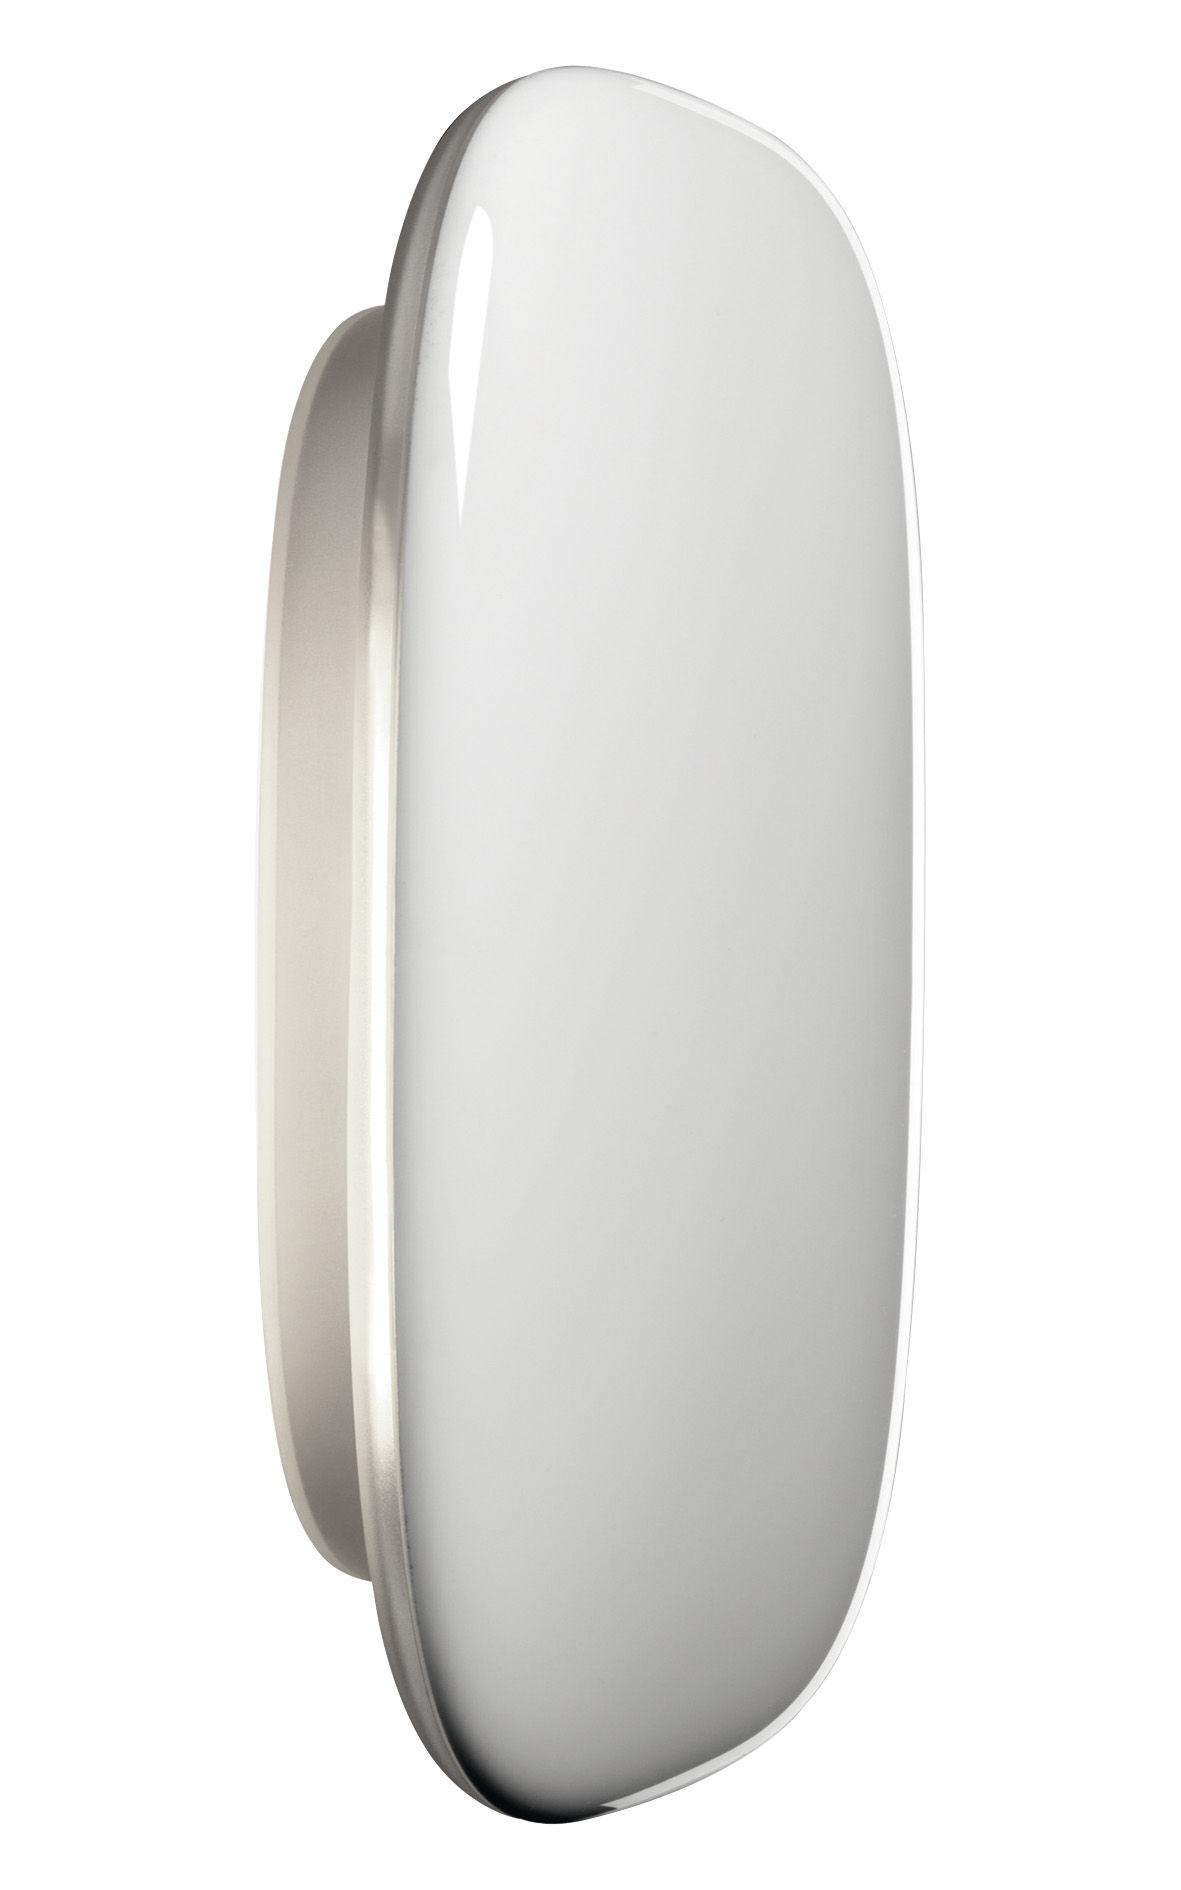 Luminaire - Appliques - Applique Tivu / L 17 x H 13 cm - Foscarini - Blanc - Polycarbonate